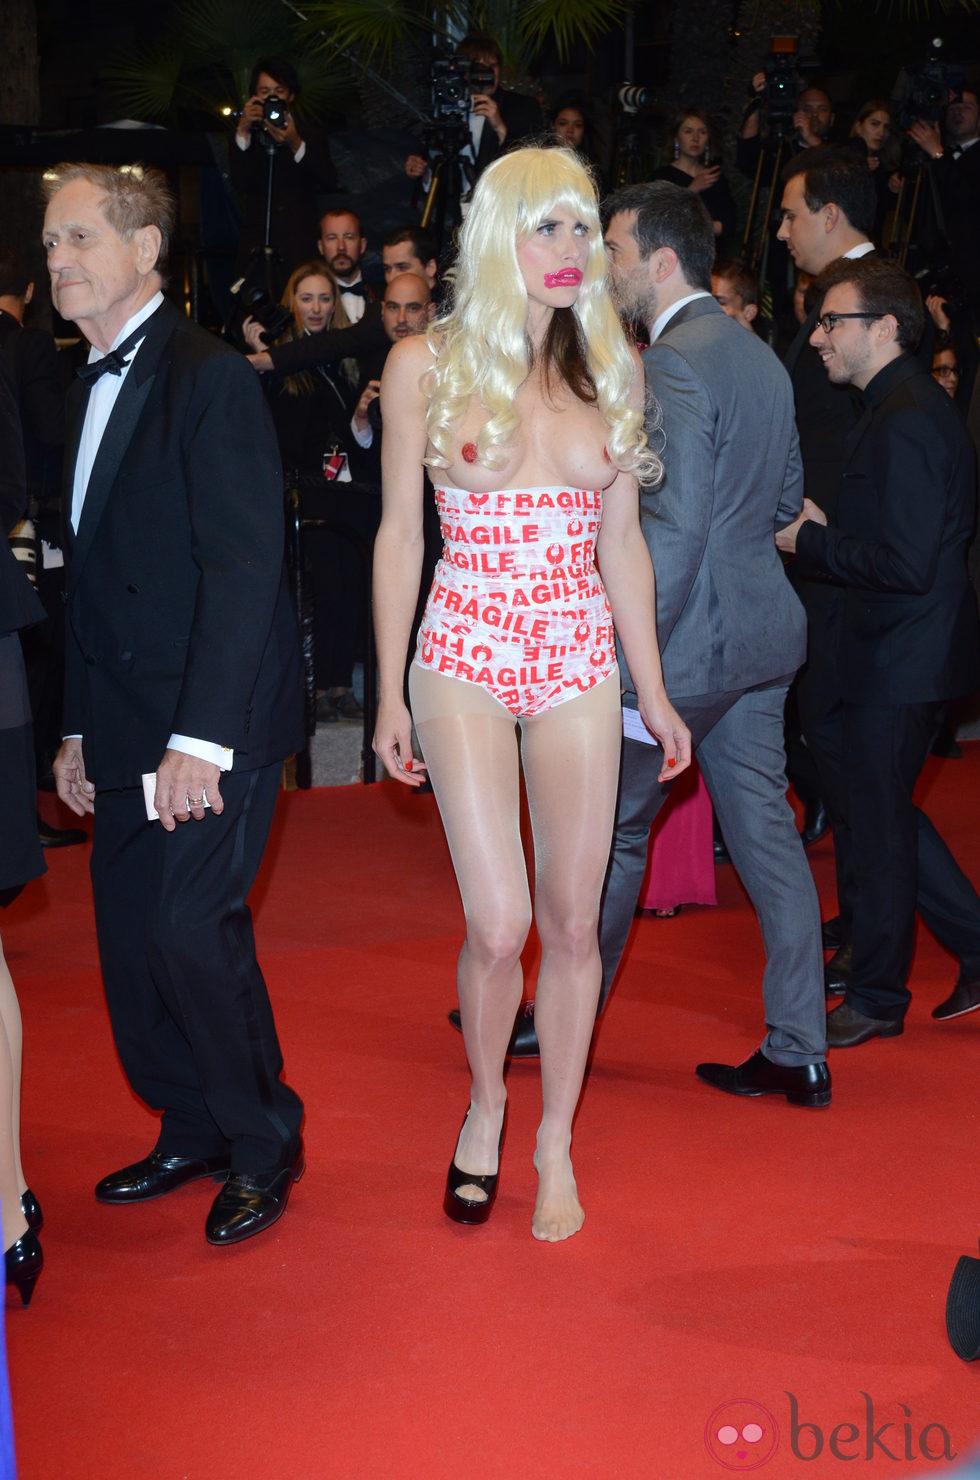 Galeria de foto de mujer desnuda gratis photo 47